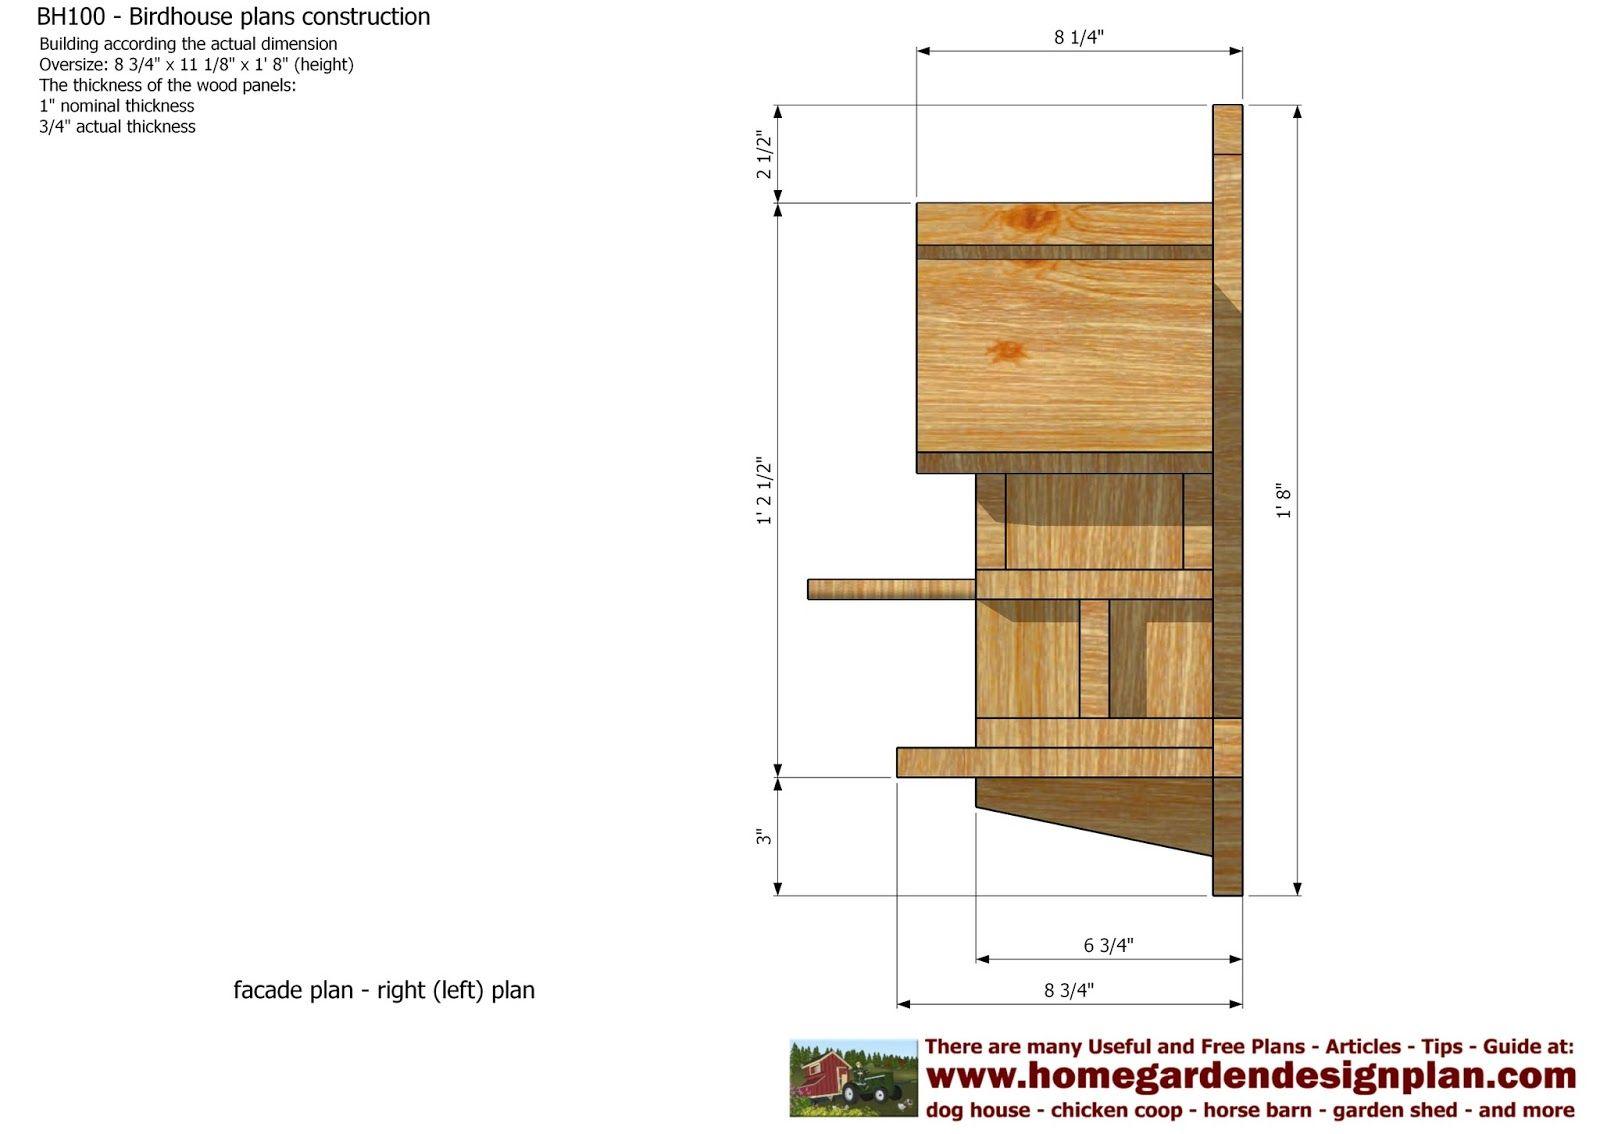 home garden plans BH100 Bird House Plans Construction